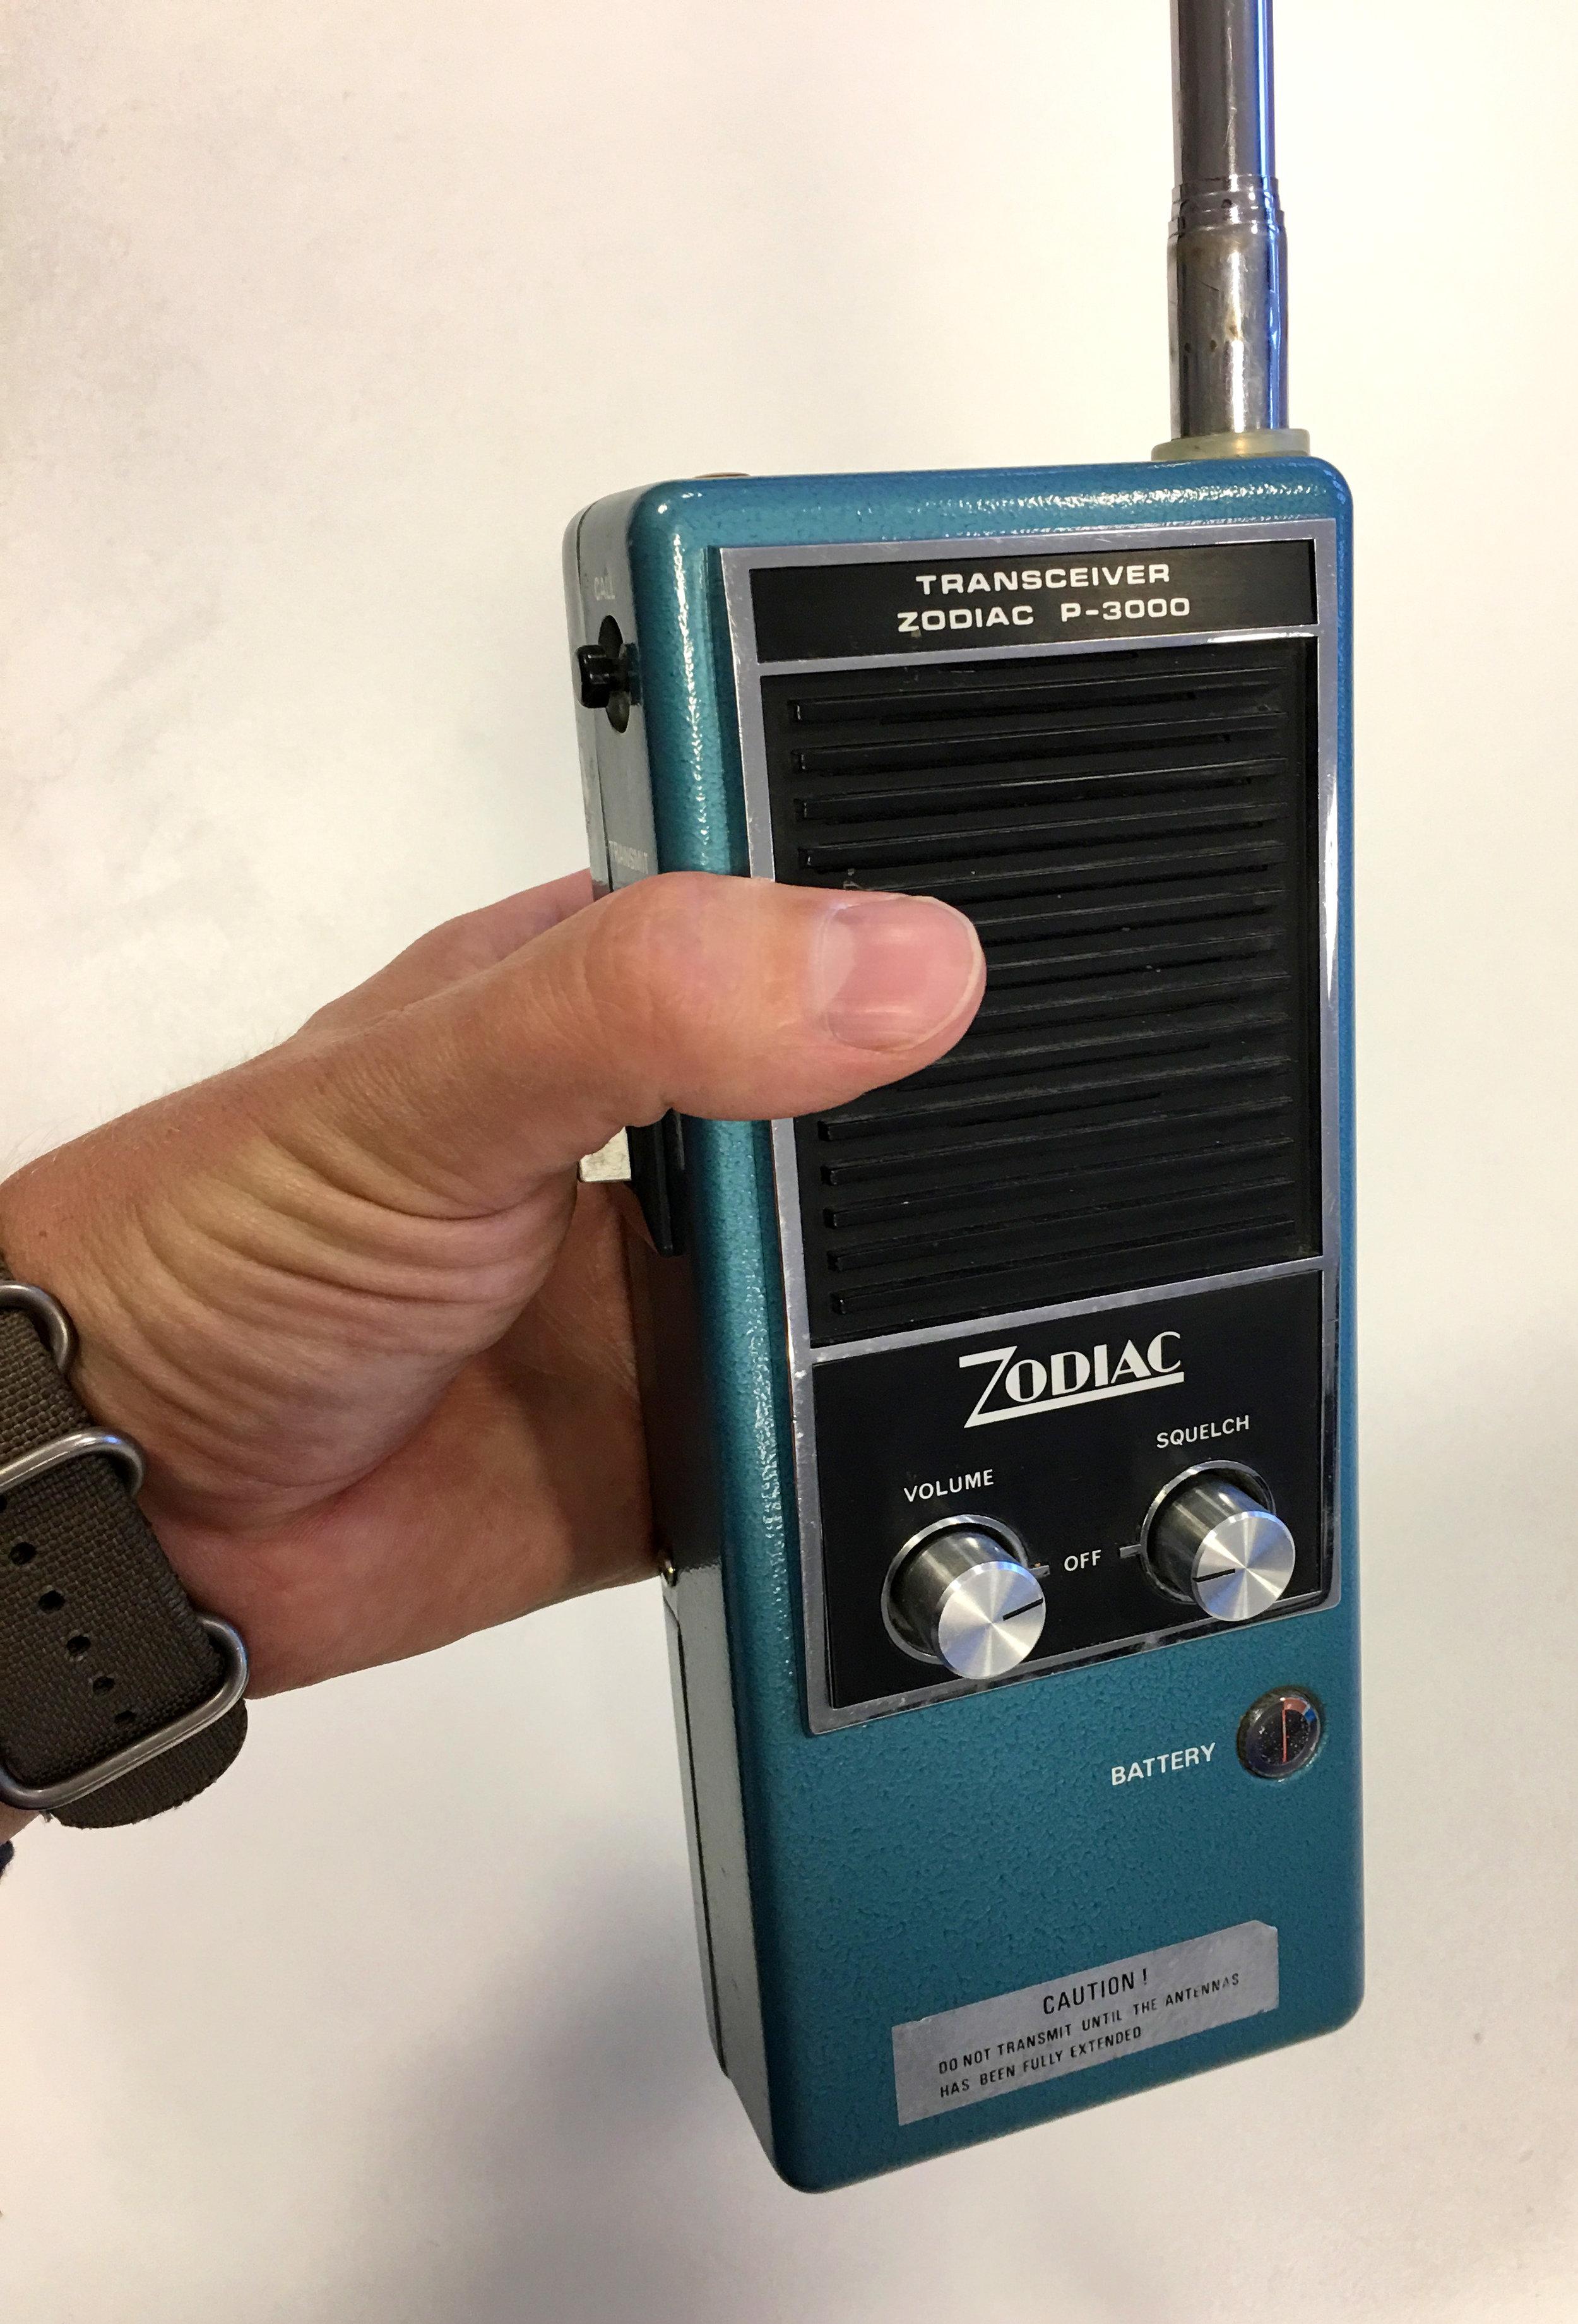 Zodiac har varit med på banan länge. Denna komradio var det senaste på 80-talet och bäst räckvid fick du när den nästan 2 meter långa antennen drogs ut.